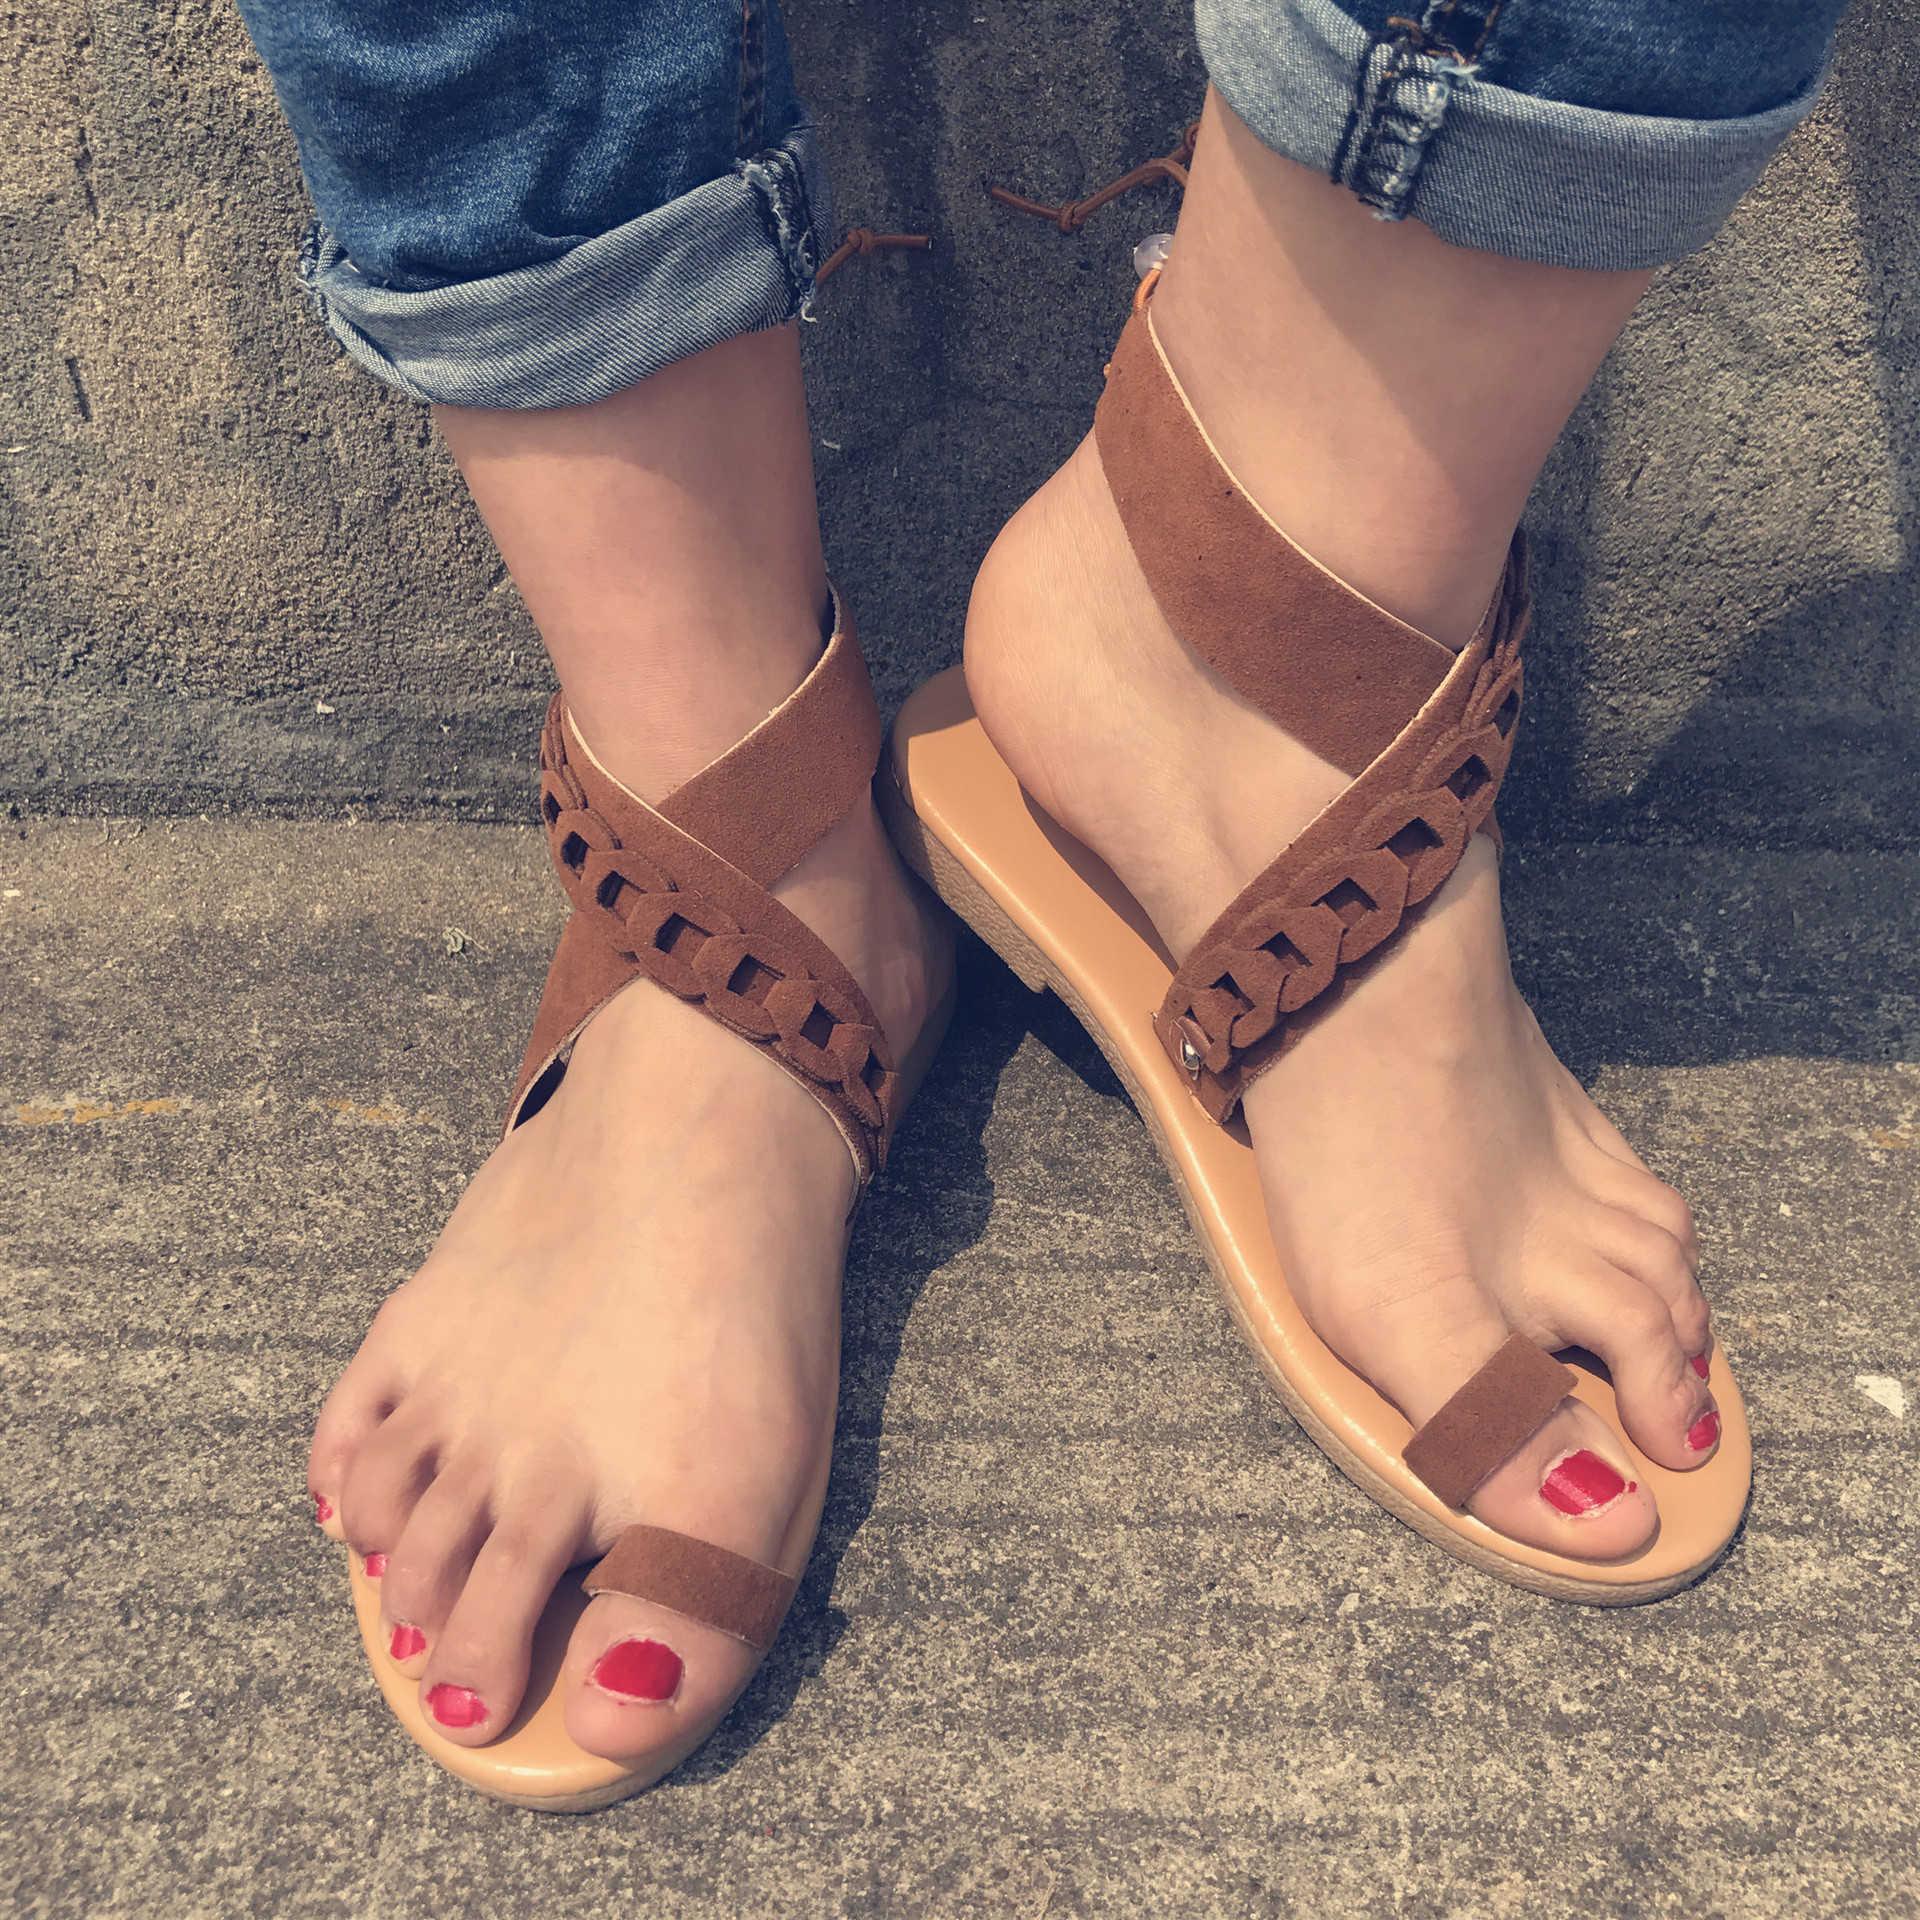 Overseas2019 Летняя европейская пляжная плоская нижняя женщина с трансграничным соединением с пряжкой на пальцах ног